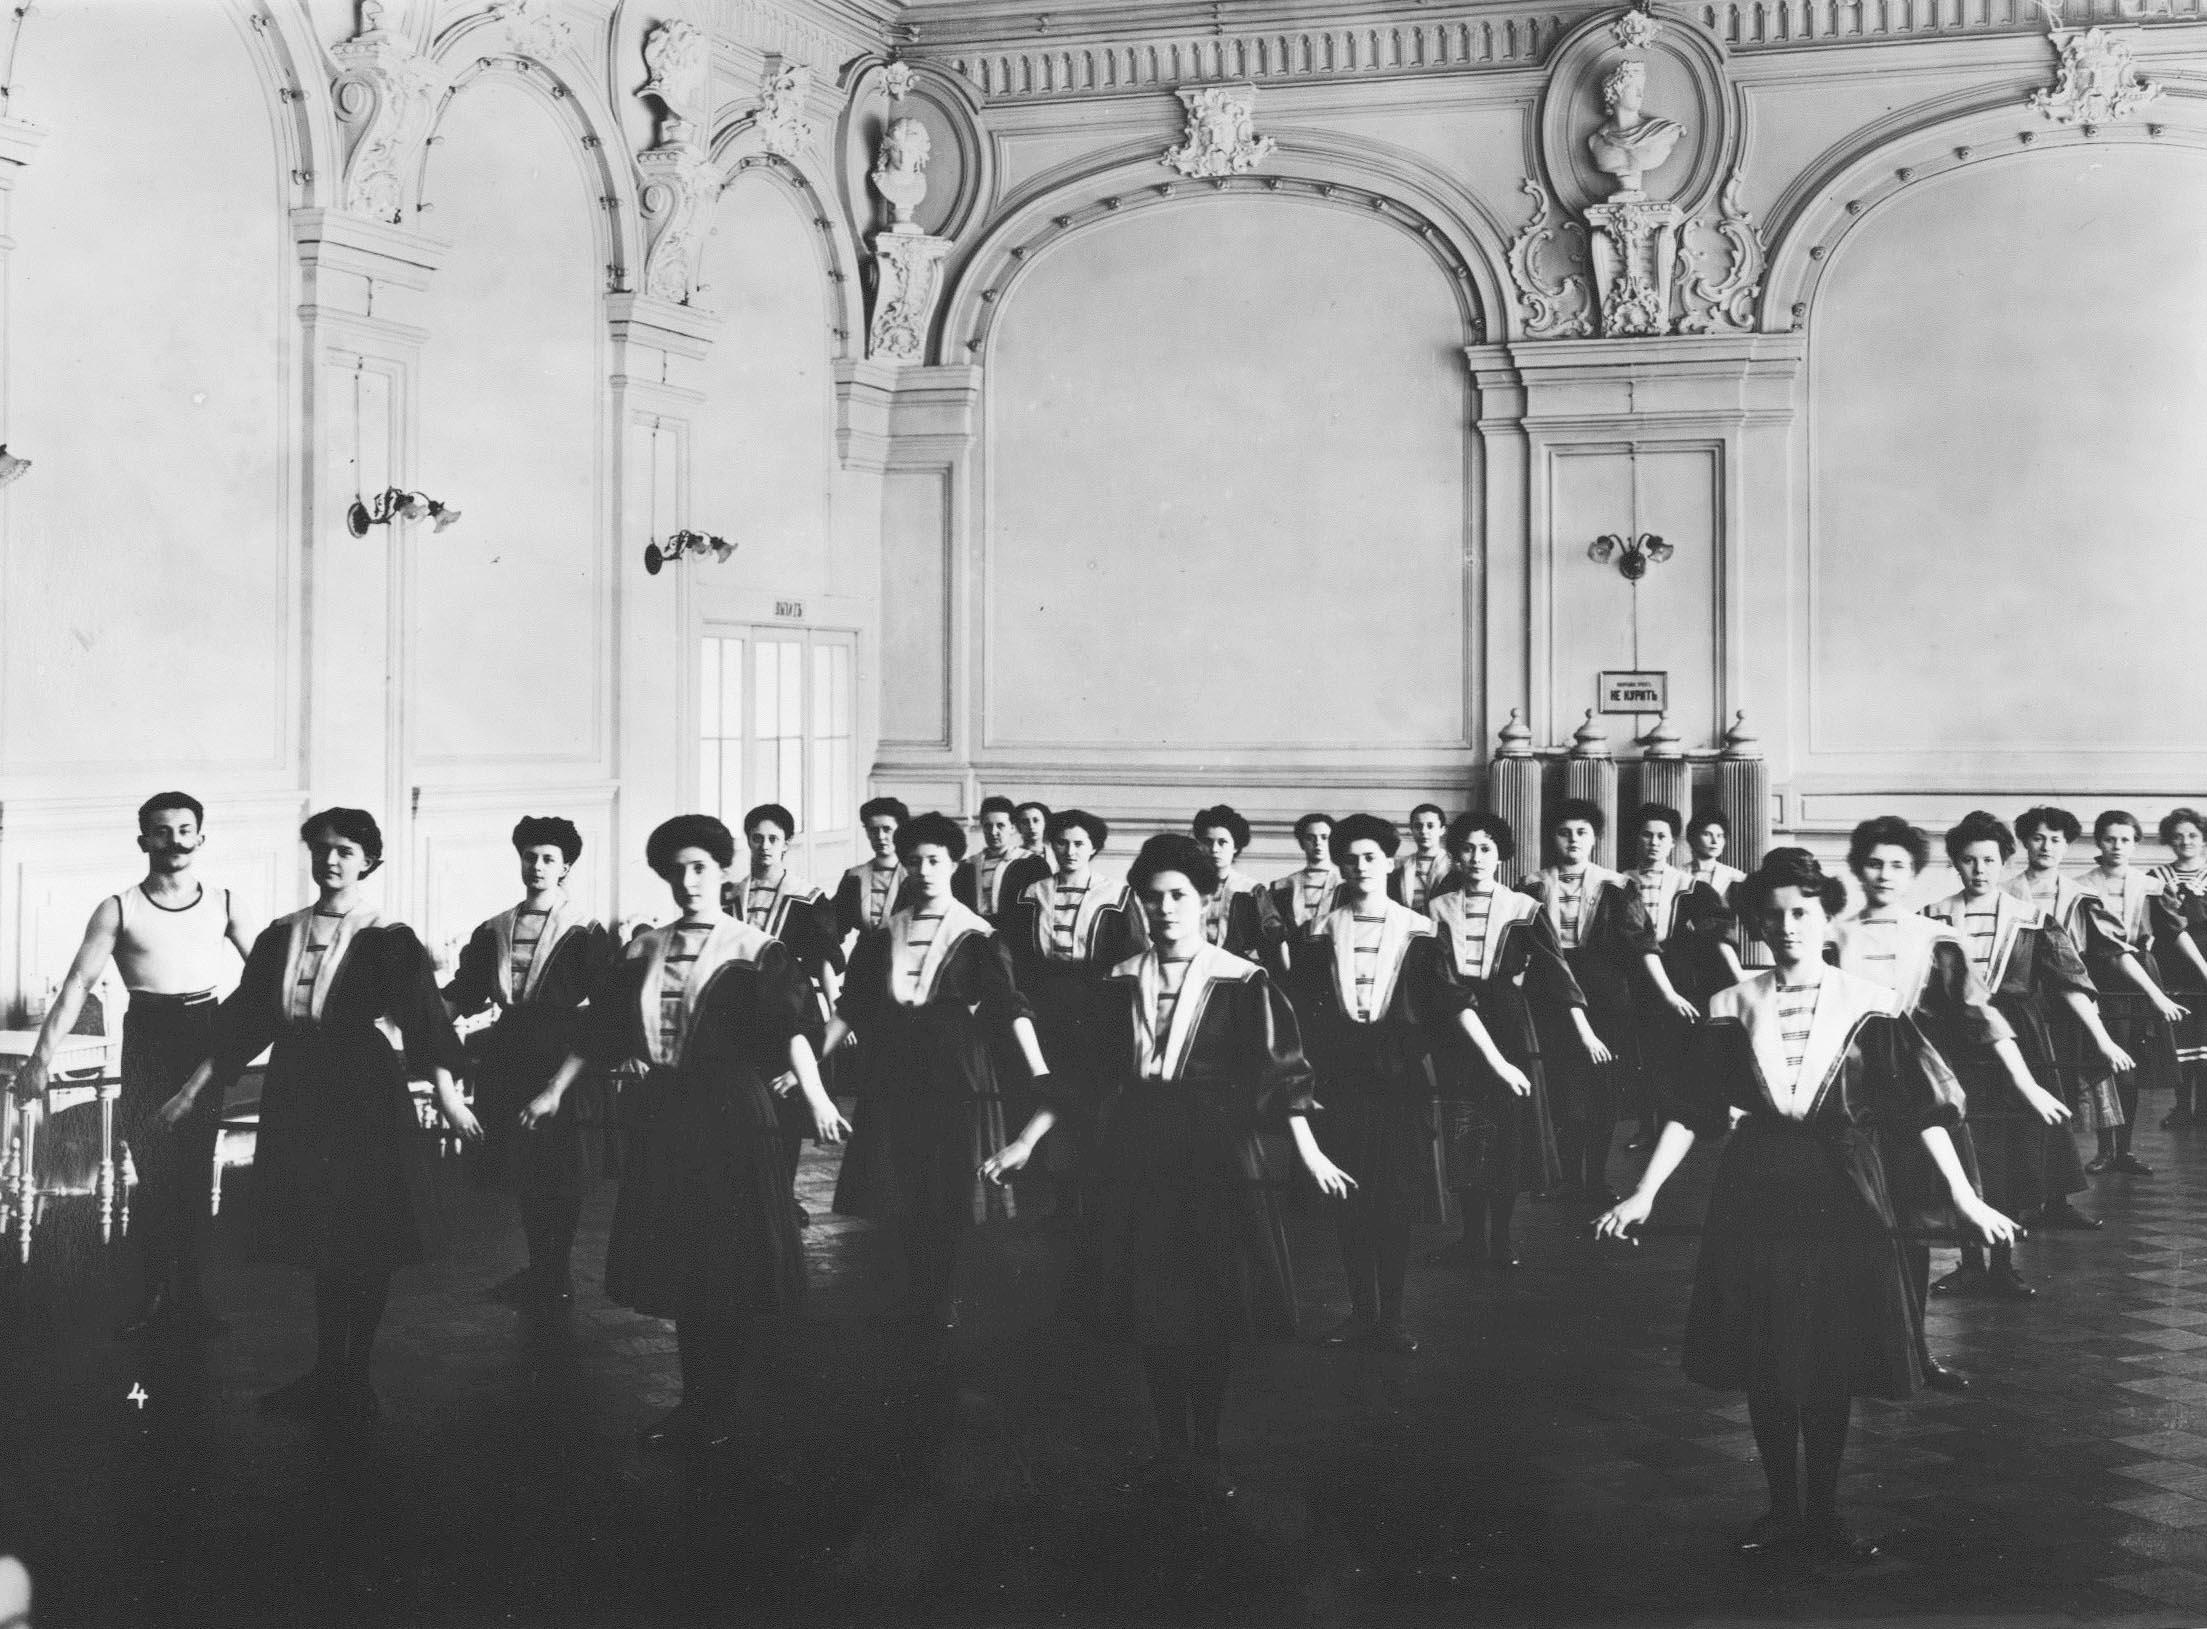 Женская группа на занятиях. Петербург, 1907.